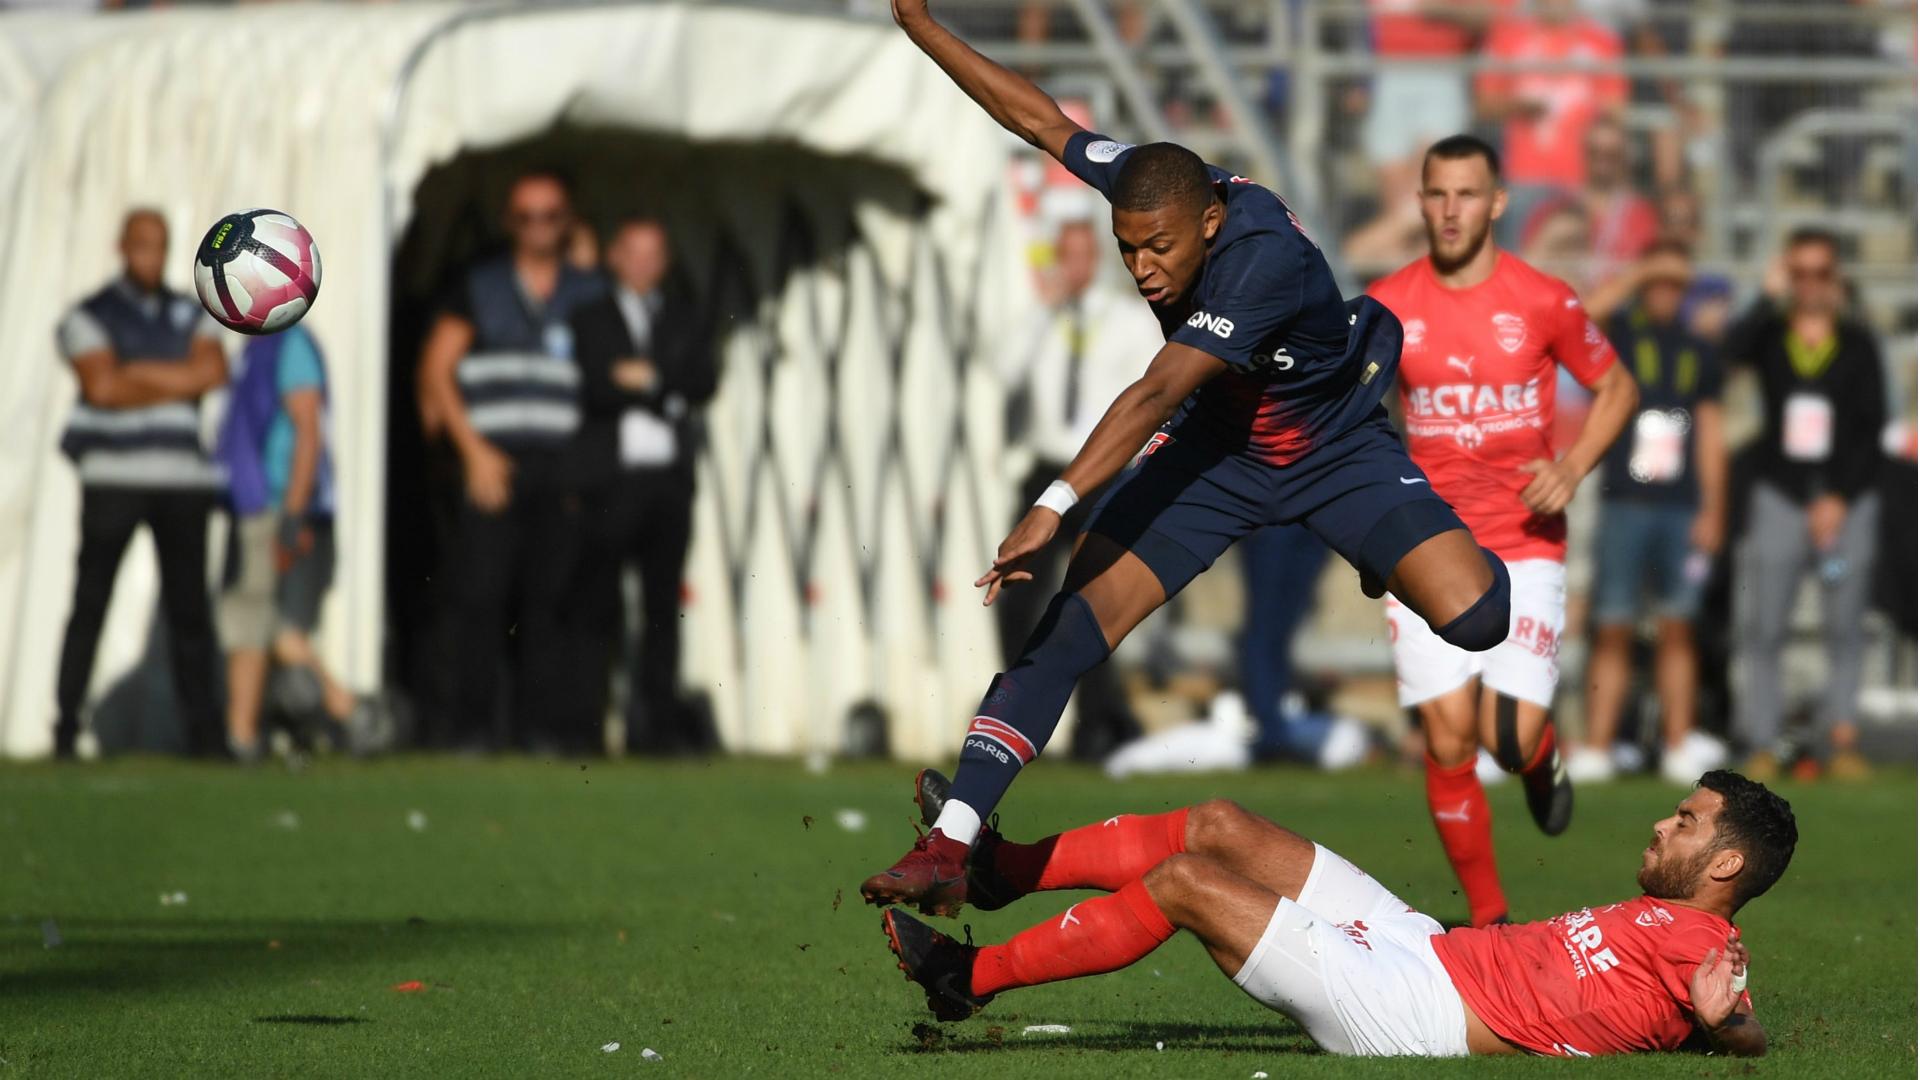 PSG striker Mbappe handed 3-match ban for red card